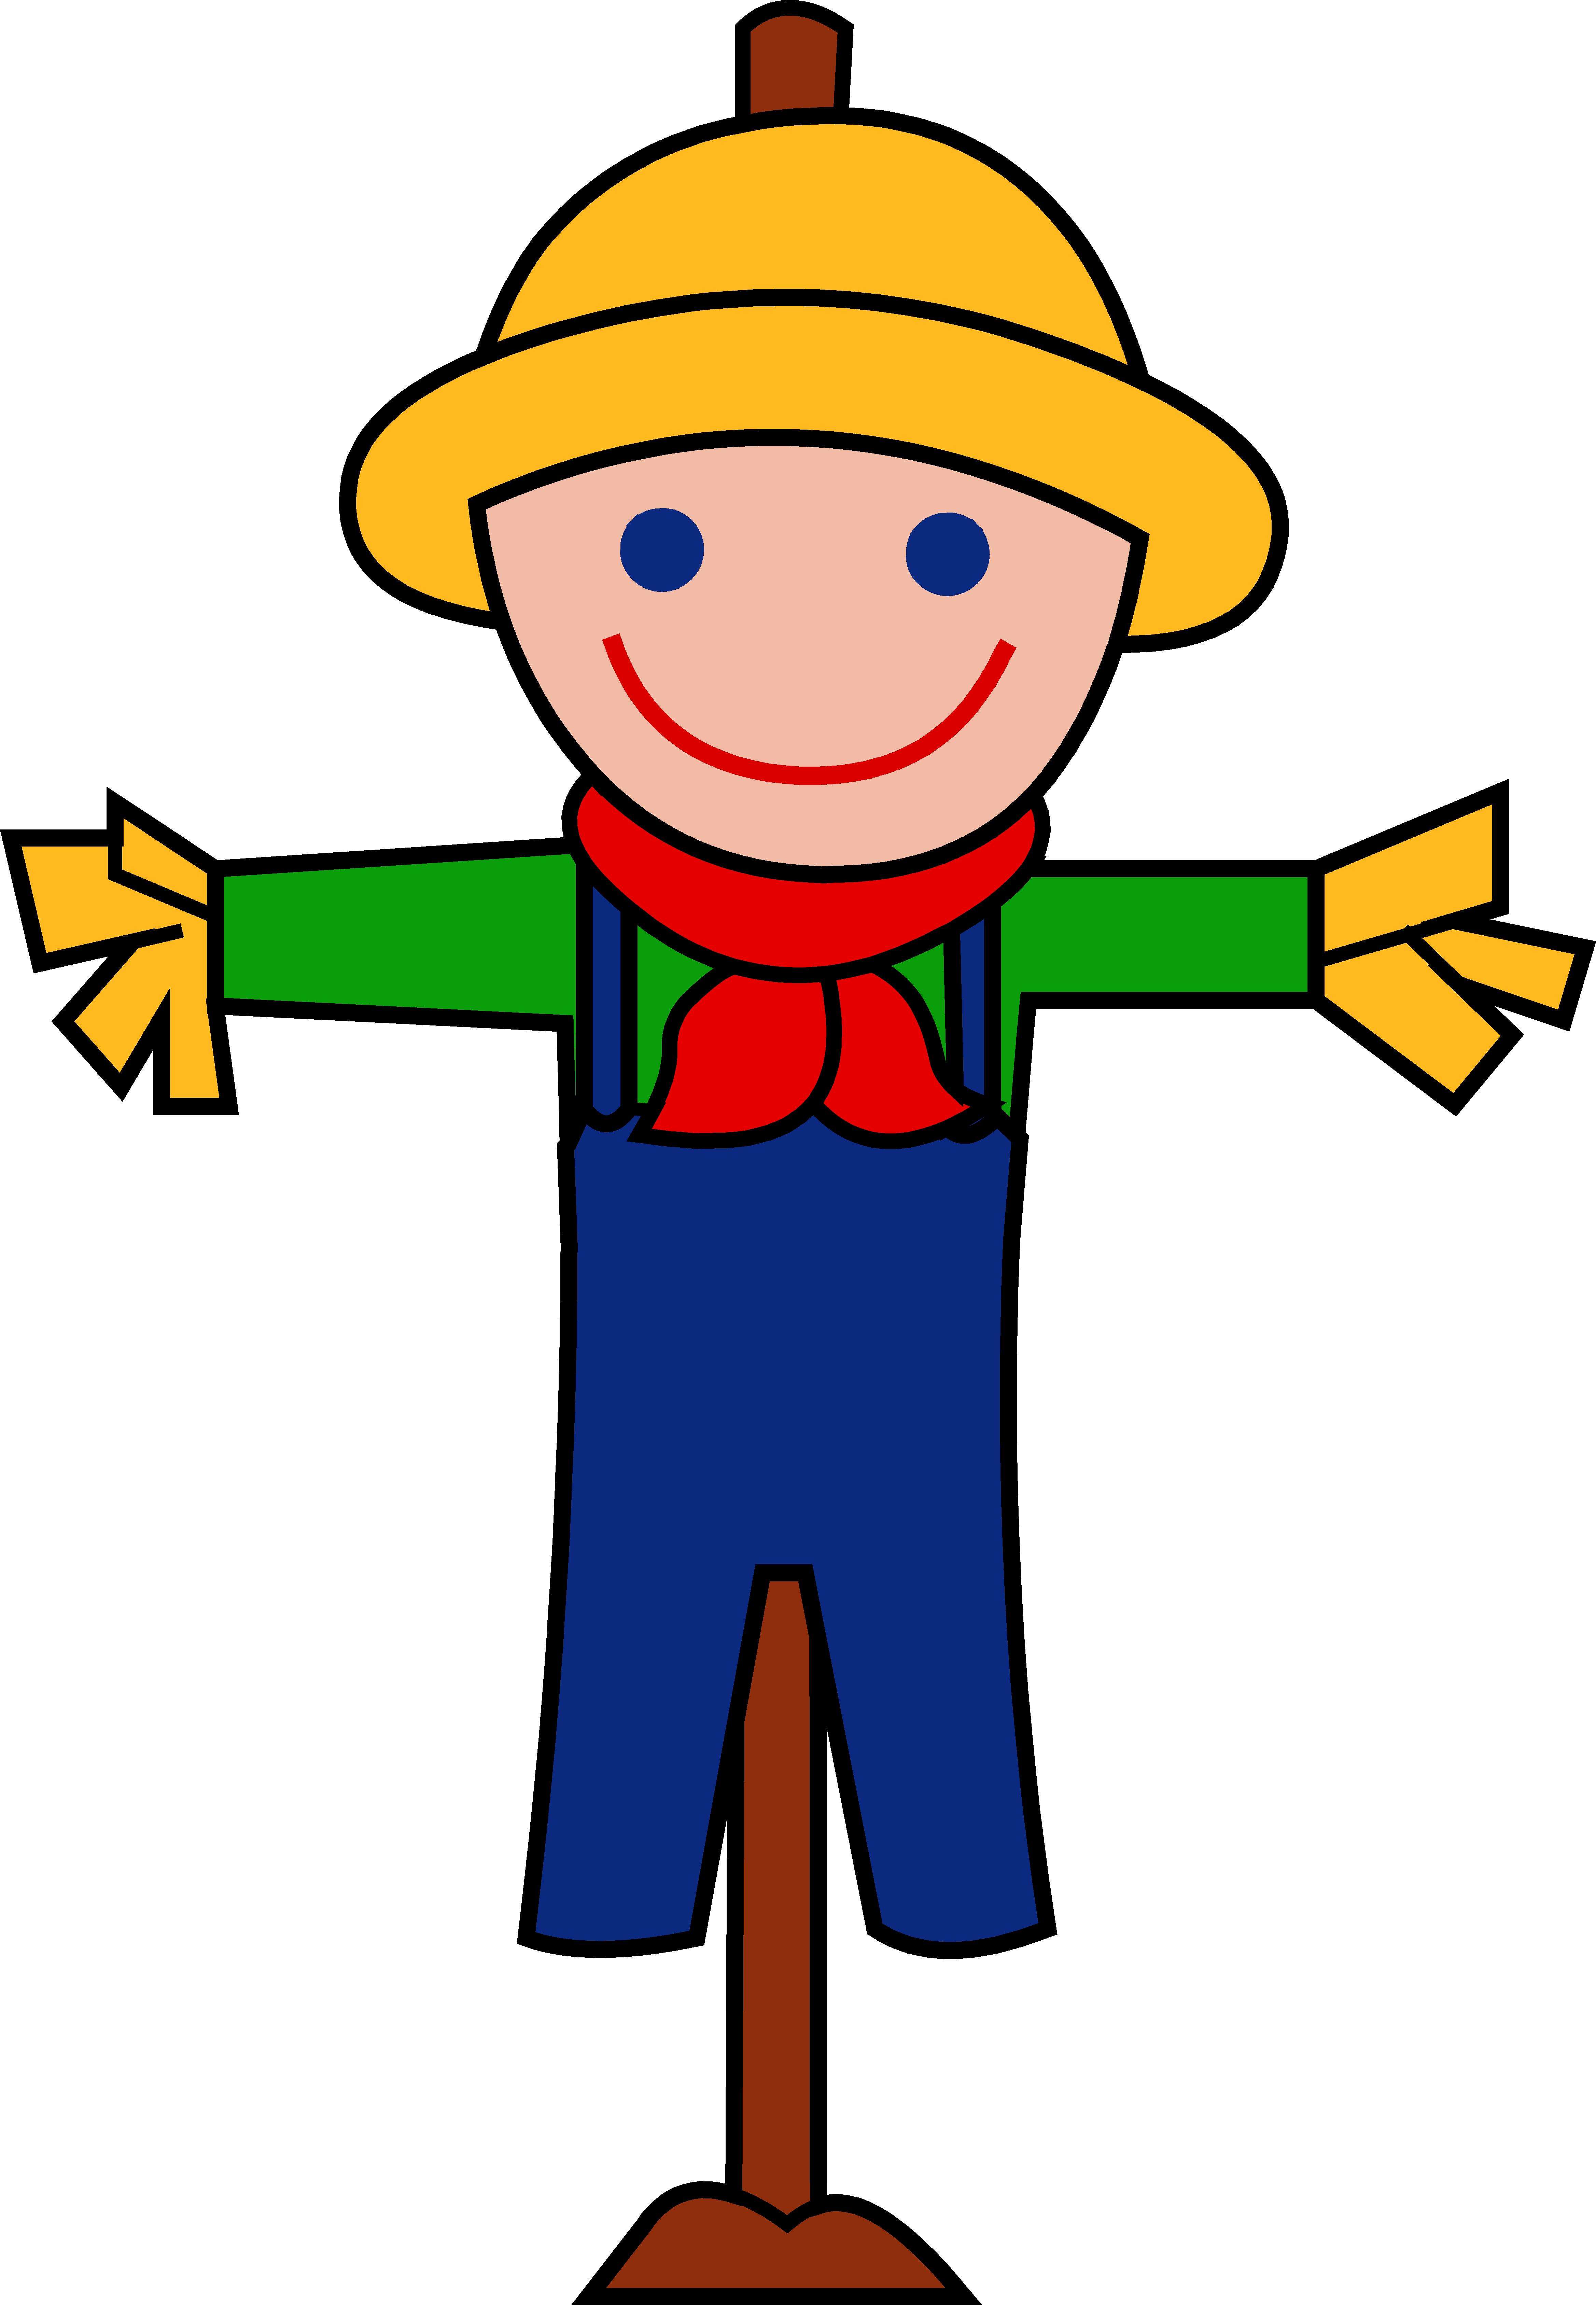 Clipart person easy. Scarecrow clip art printable